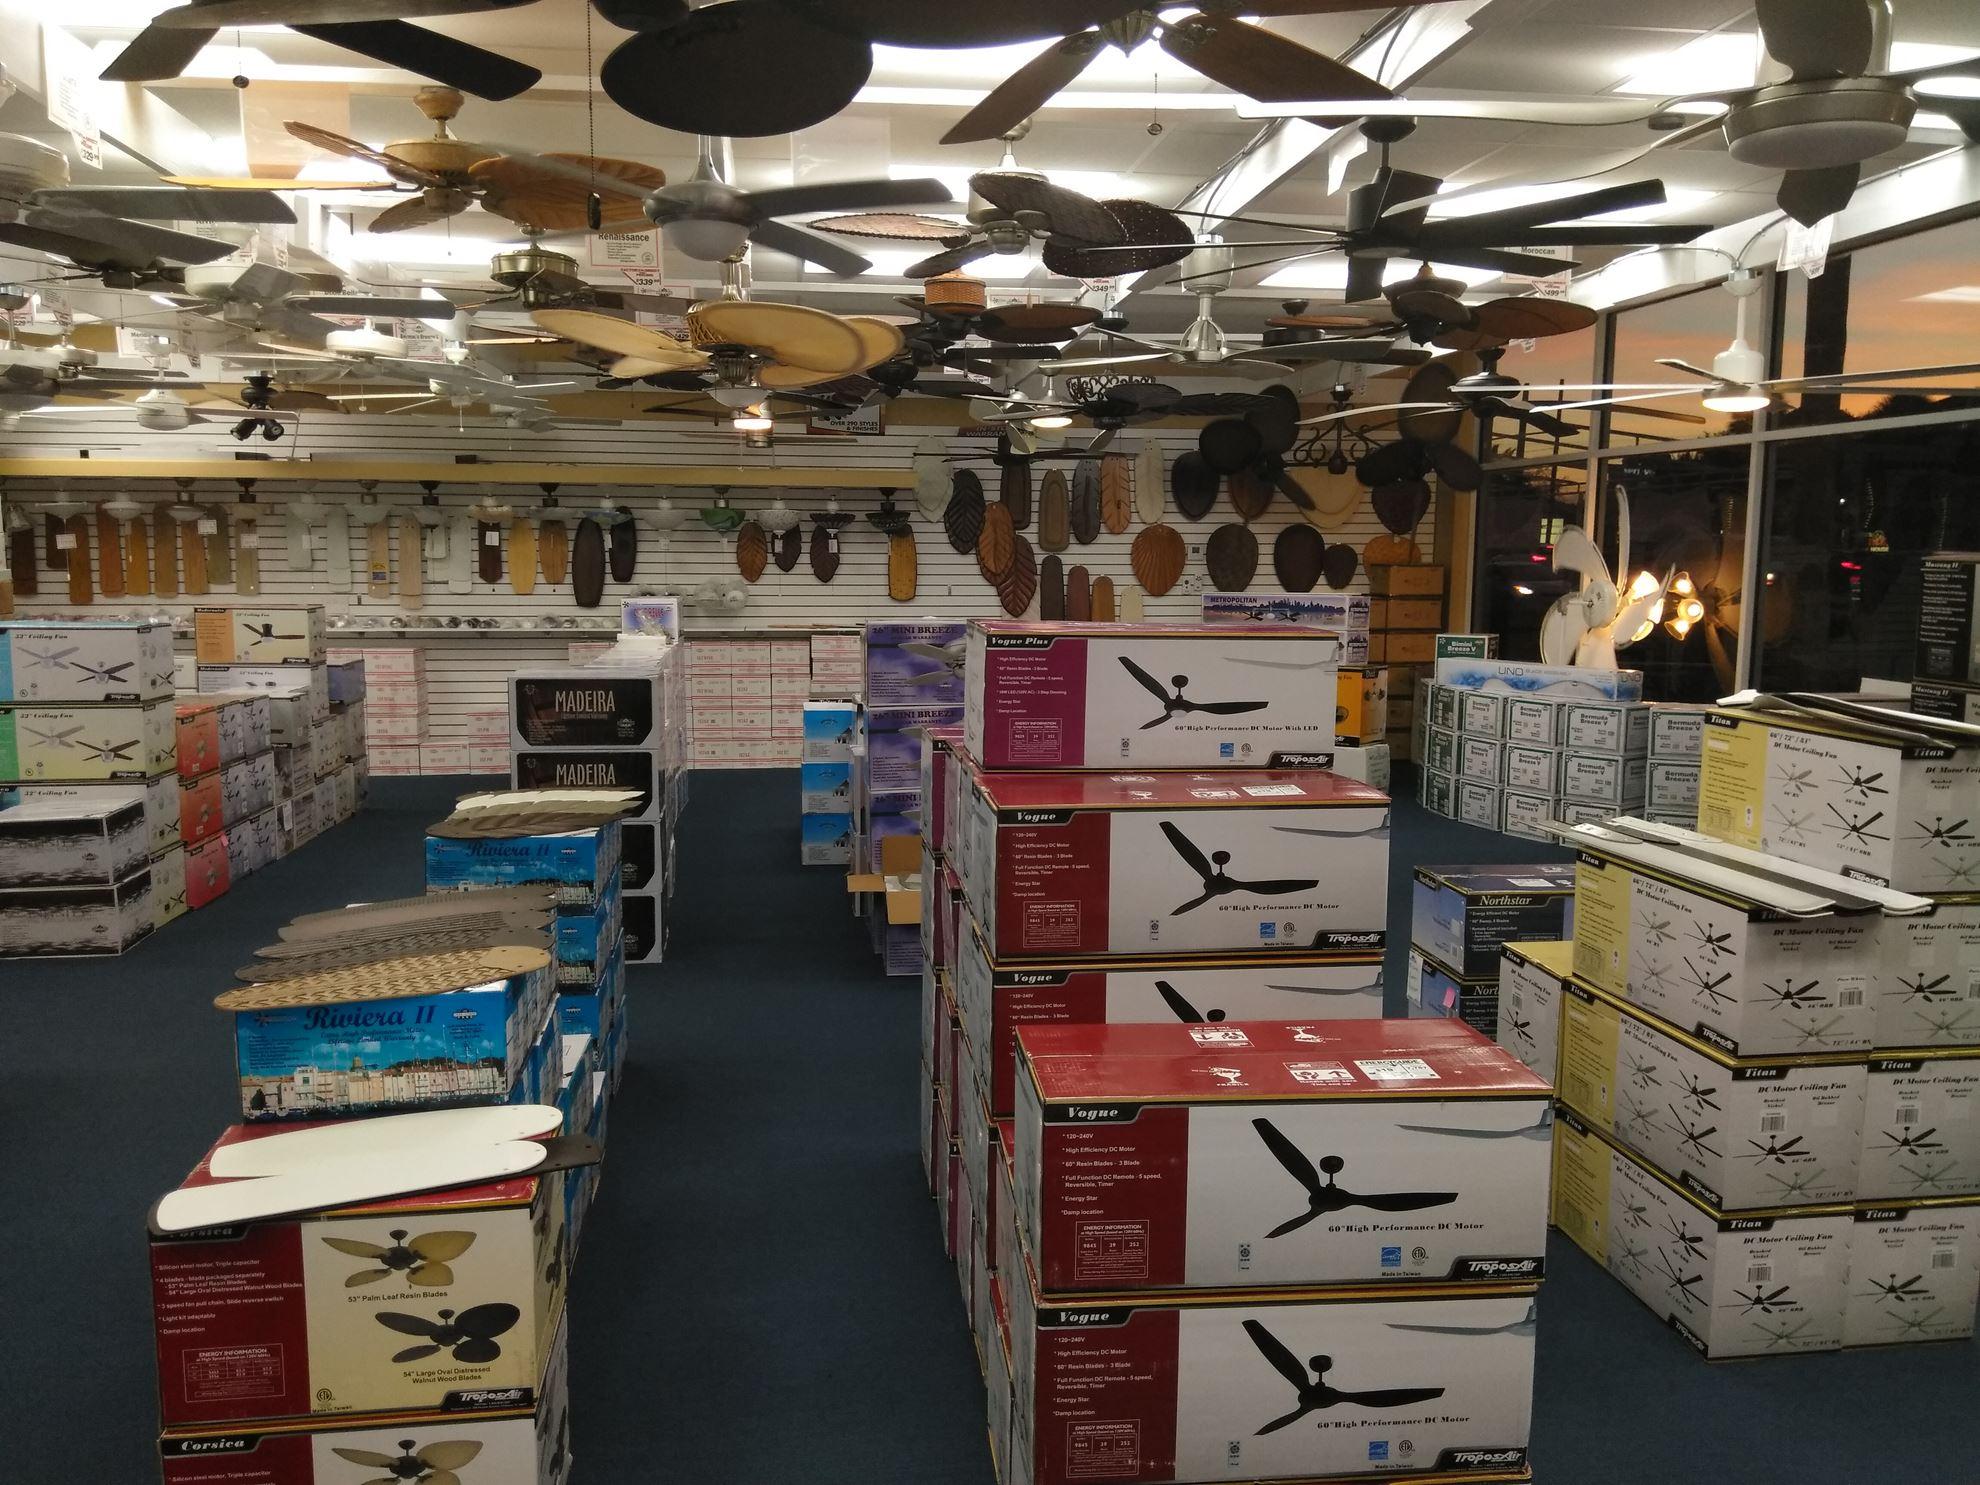 Dan S Fan City Ft Lauderdale Dan S Fan City 169 Ceiling Fans Fan Parts Amp Accessories